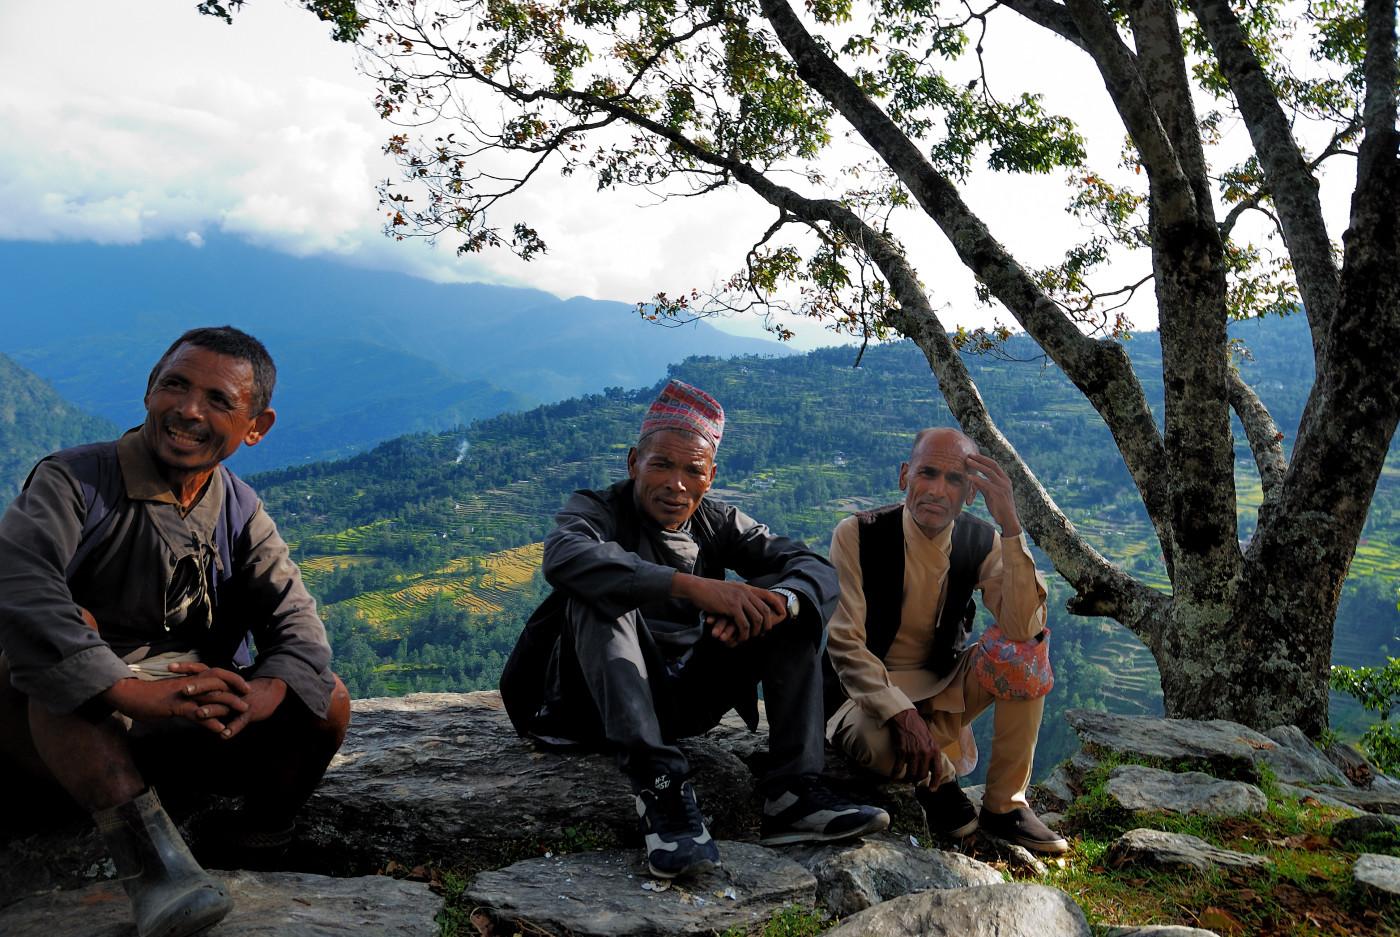 (J2) Sur le chemin d'Orang ( le 3ème personnage arborant le costume national népalais)